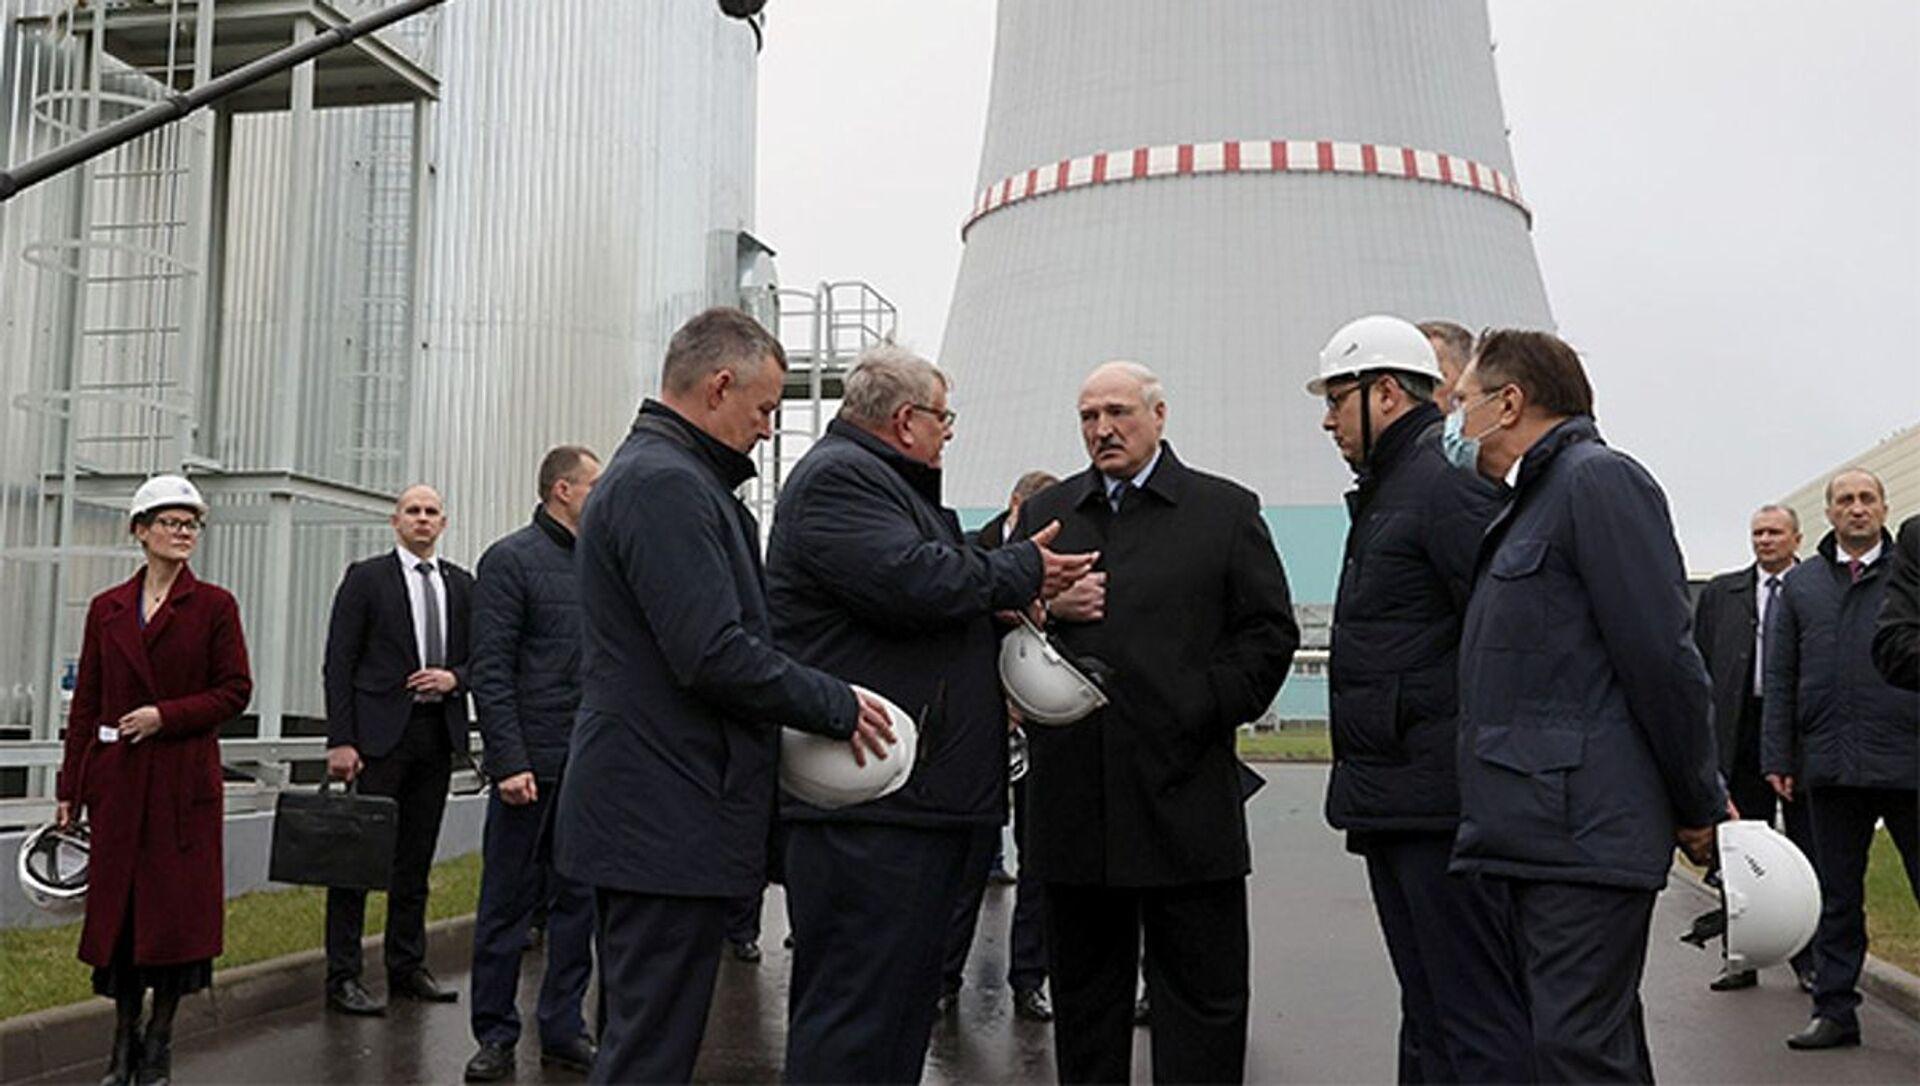 Prezydent Białorusi Aleksandr Łukaszenka podczas wizyty w Białoruskiej Elektrowni Jądrowej w Ostrowcu. - Sputnik Polska, 1920, 11.02.2021